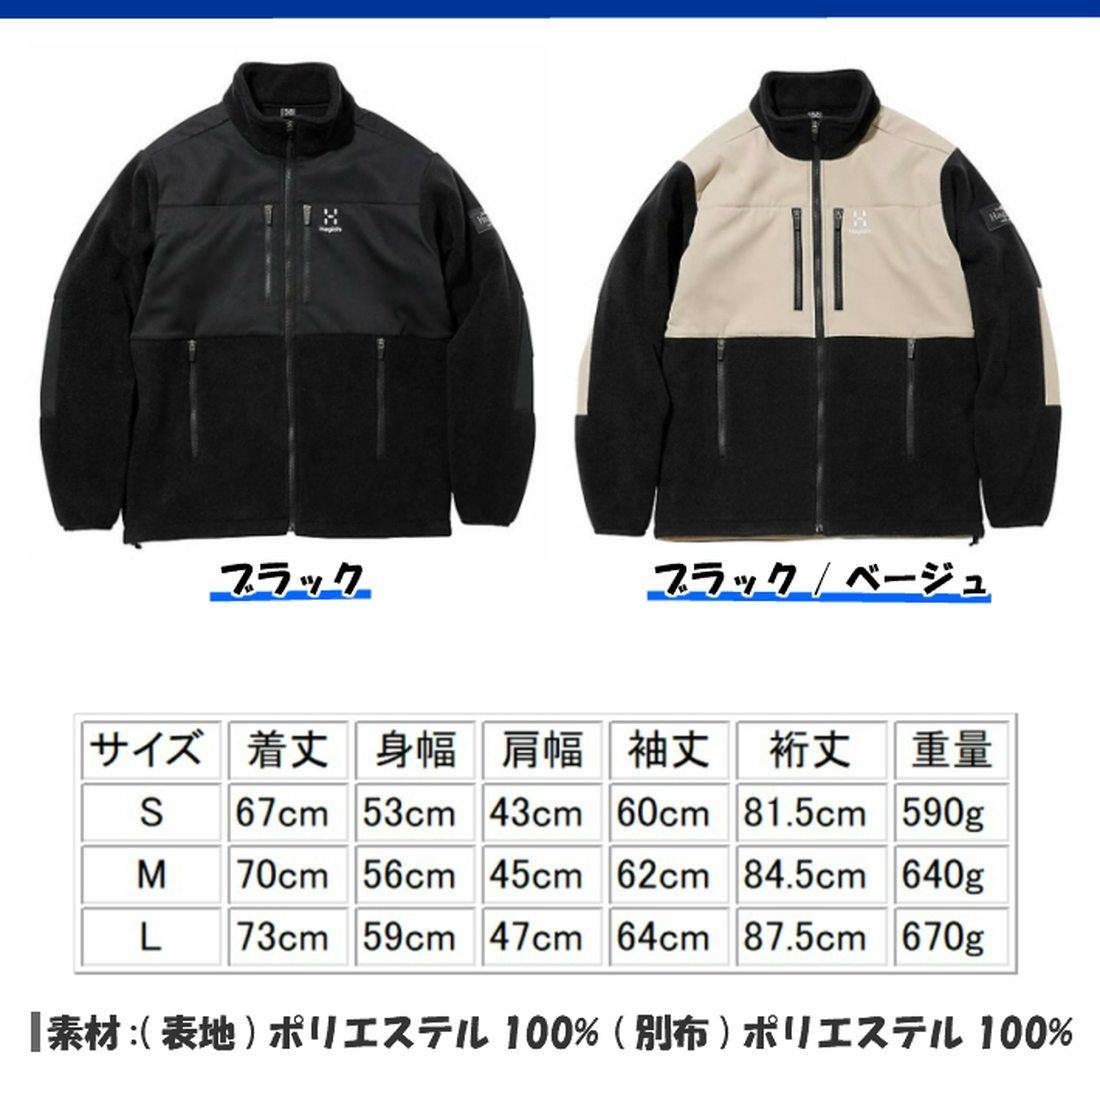 ホグロフス コンビネーション フリース ジャケット メンズ フリースジャケット  国内正規品